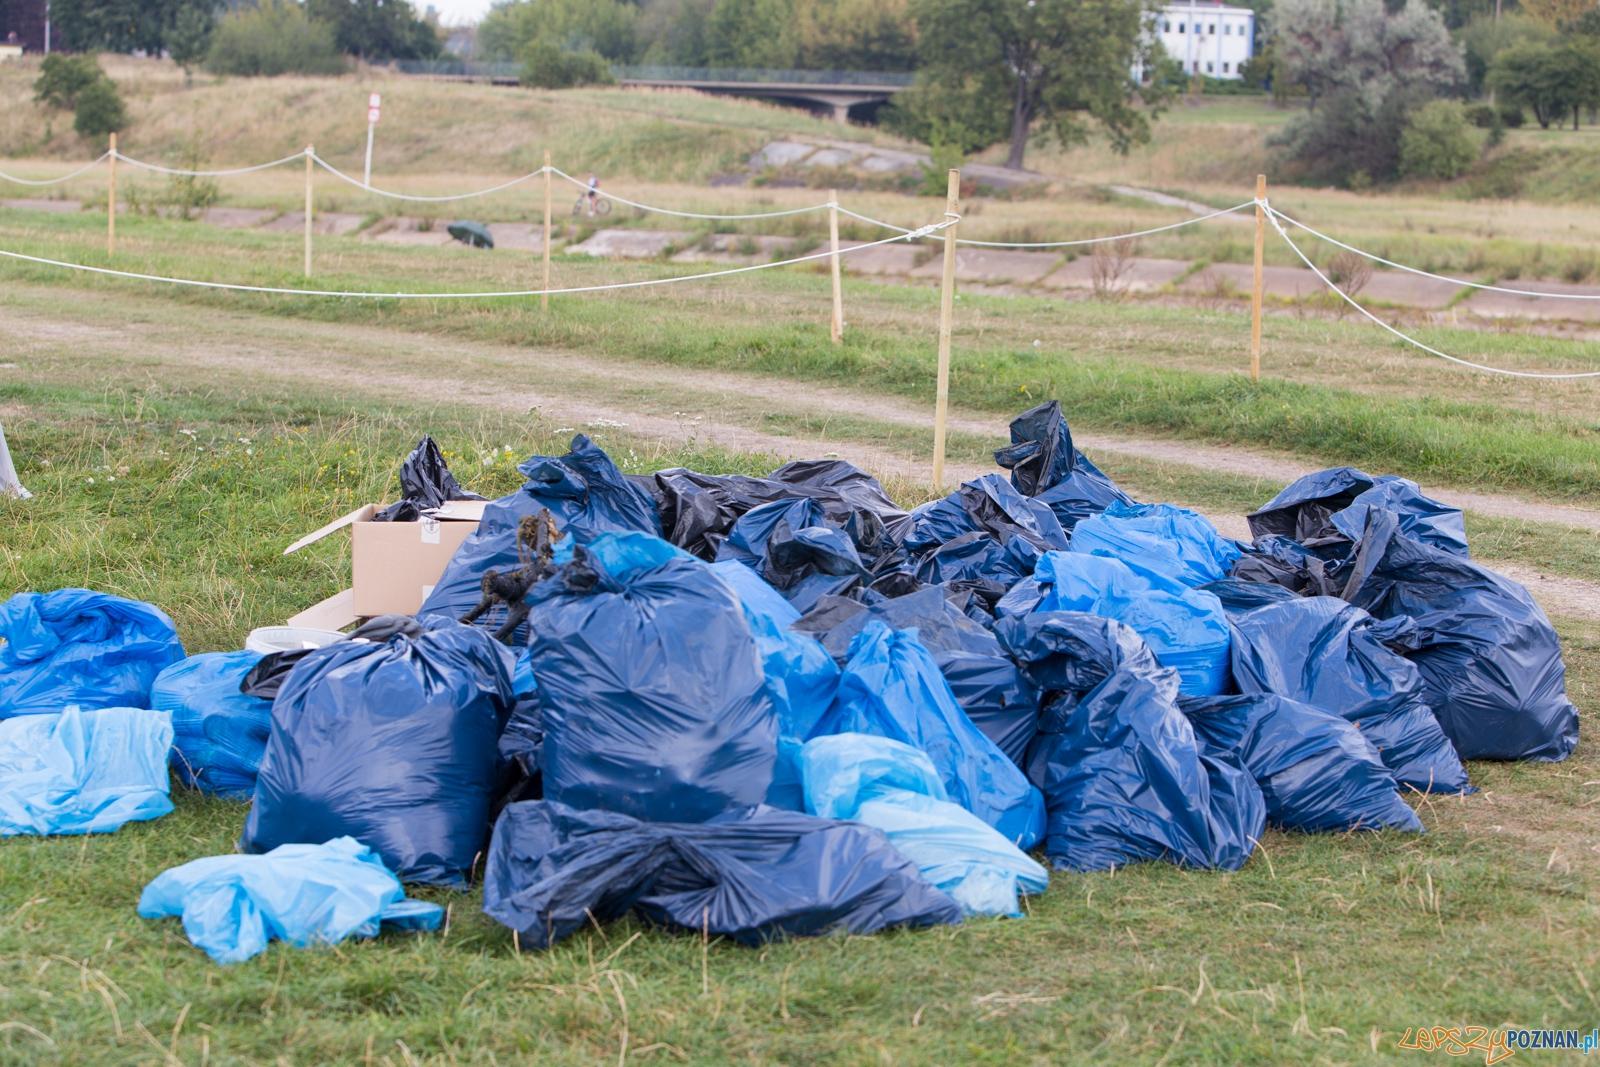 Spływaj śmieciu, tej!  Foto: lepszyPOZNAN.pl / Piotr Rychter